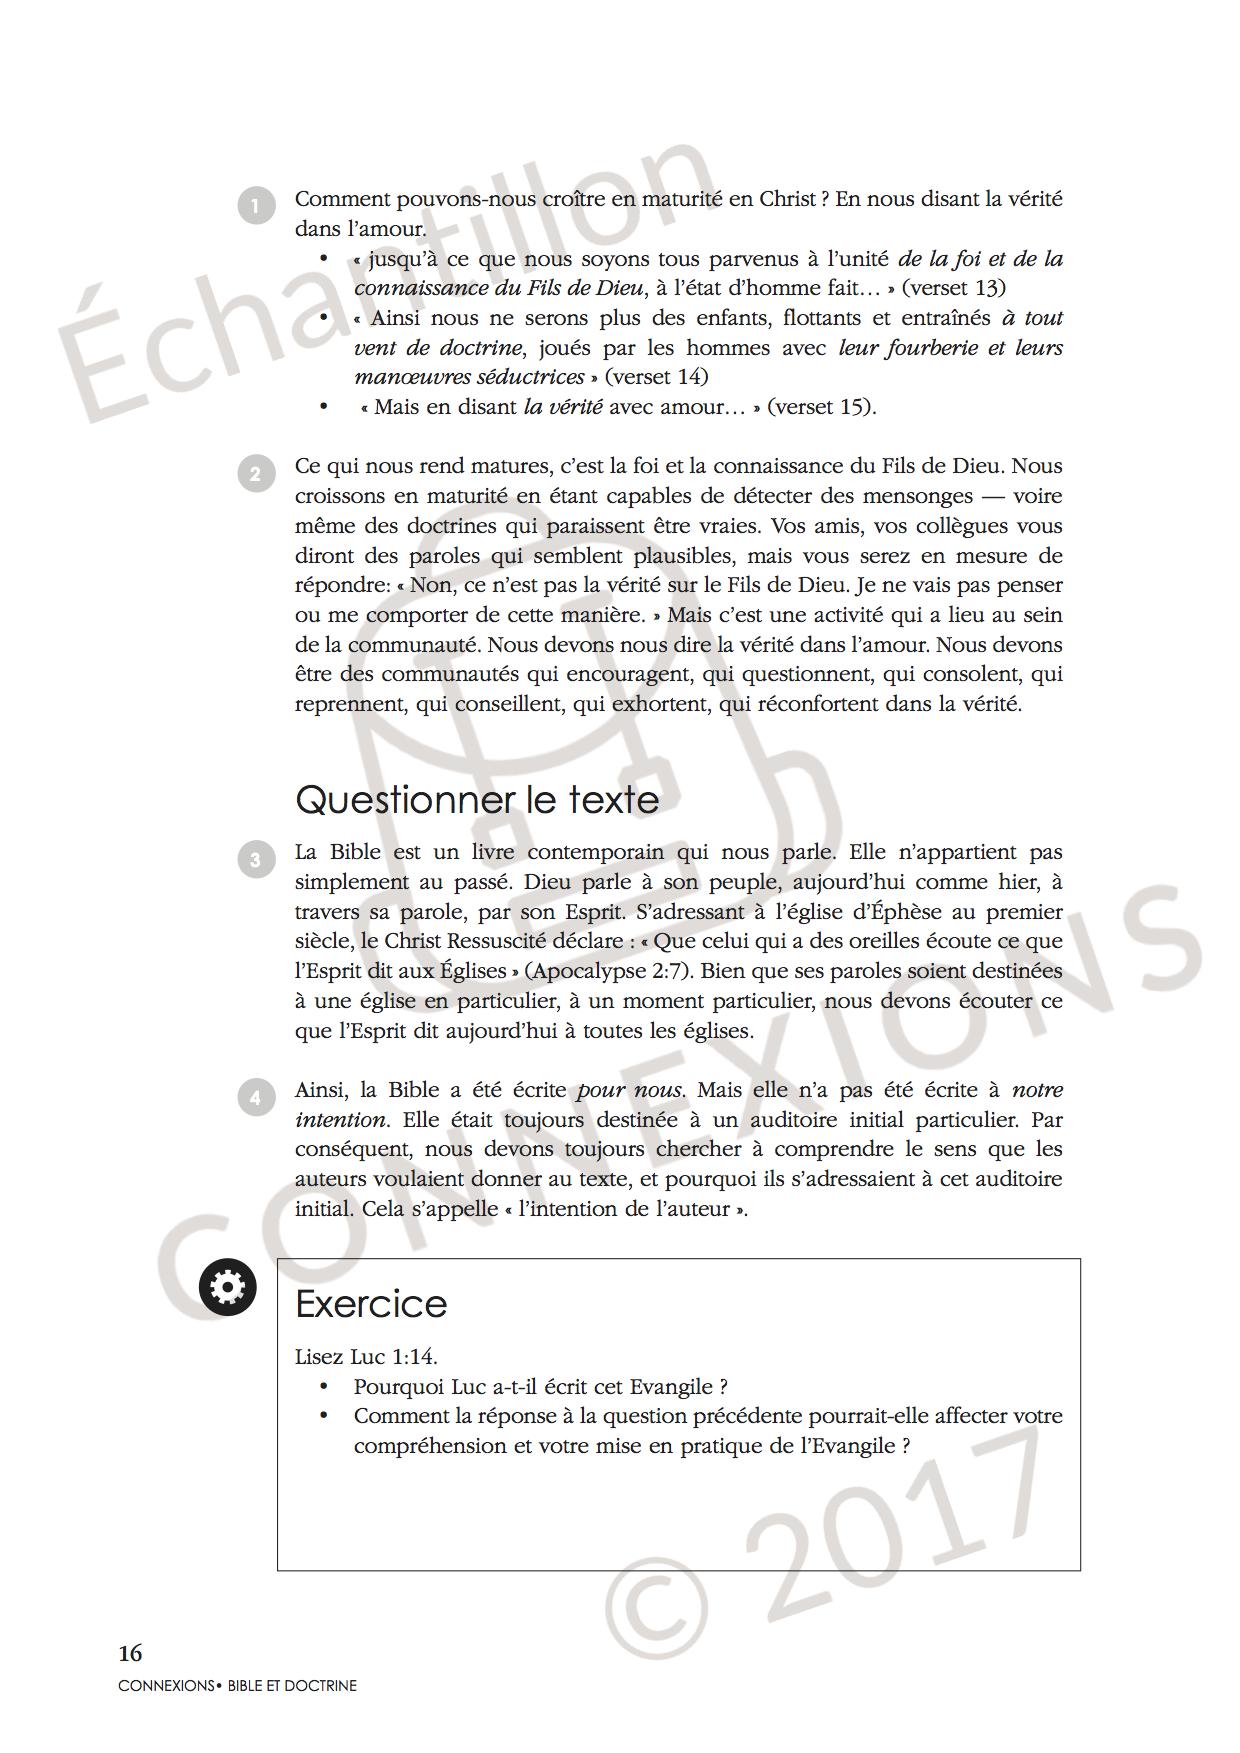 Connexions_Comprendre le récit biblique_sample_published.5.png